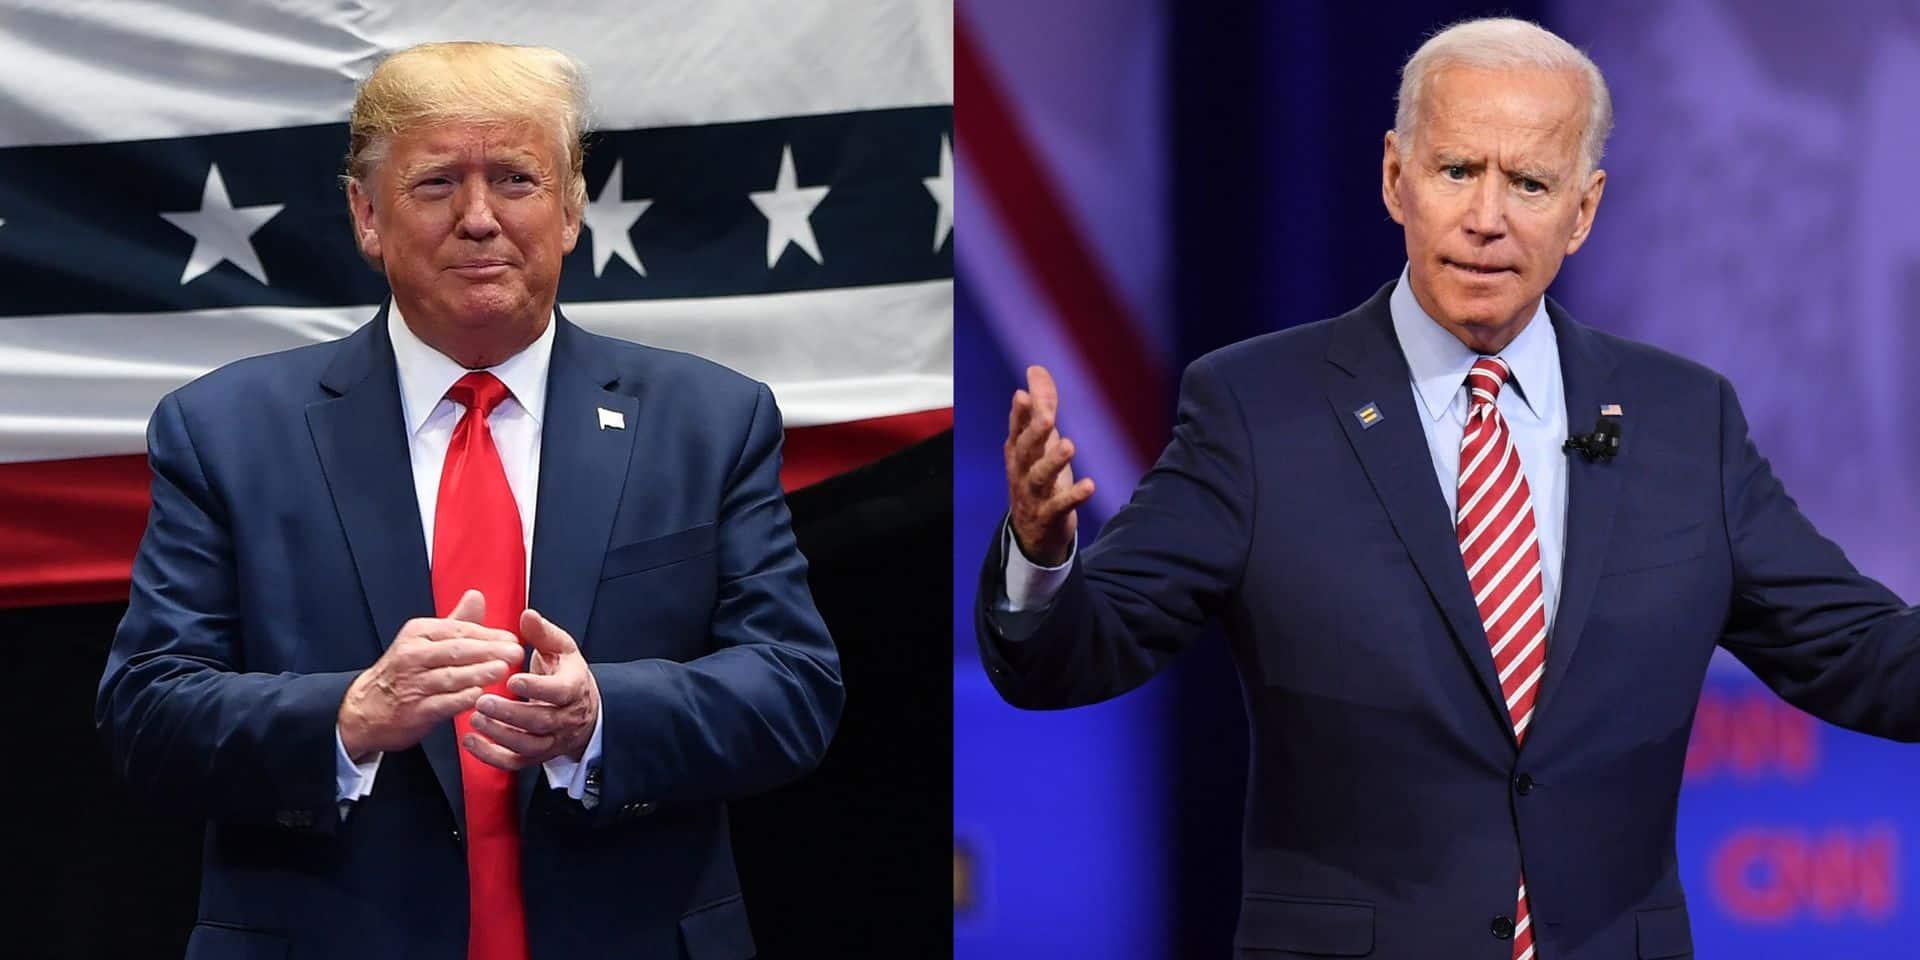 """Quand Trump trolle son adversaire démocrate Biden : """"Oups, Joe a oublié les latinos"""""""